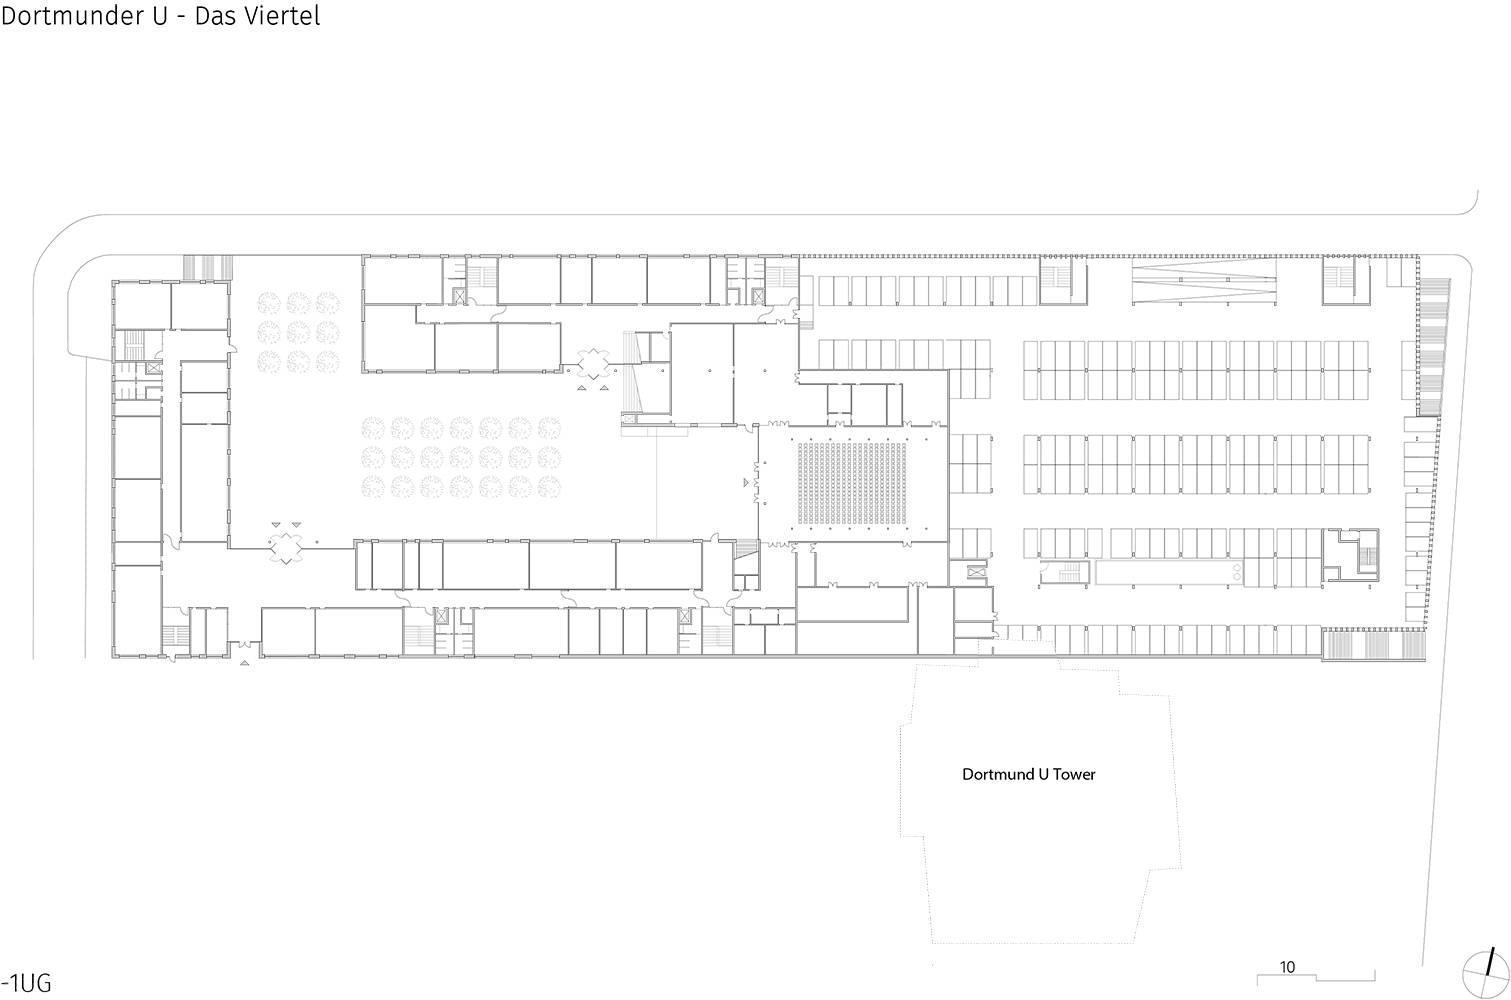 Schön Handwerker Gt6000 Schaltplan Galerie - Schaltplan Serie ...